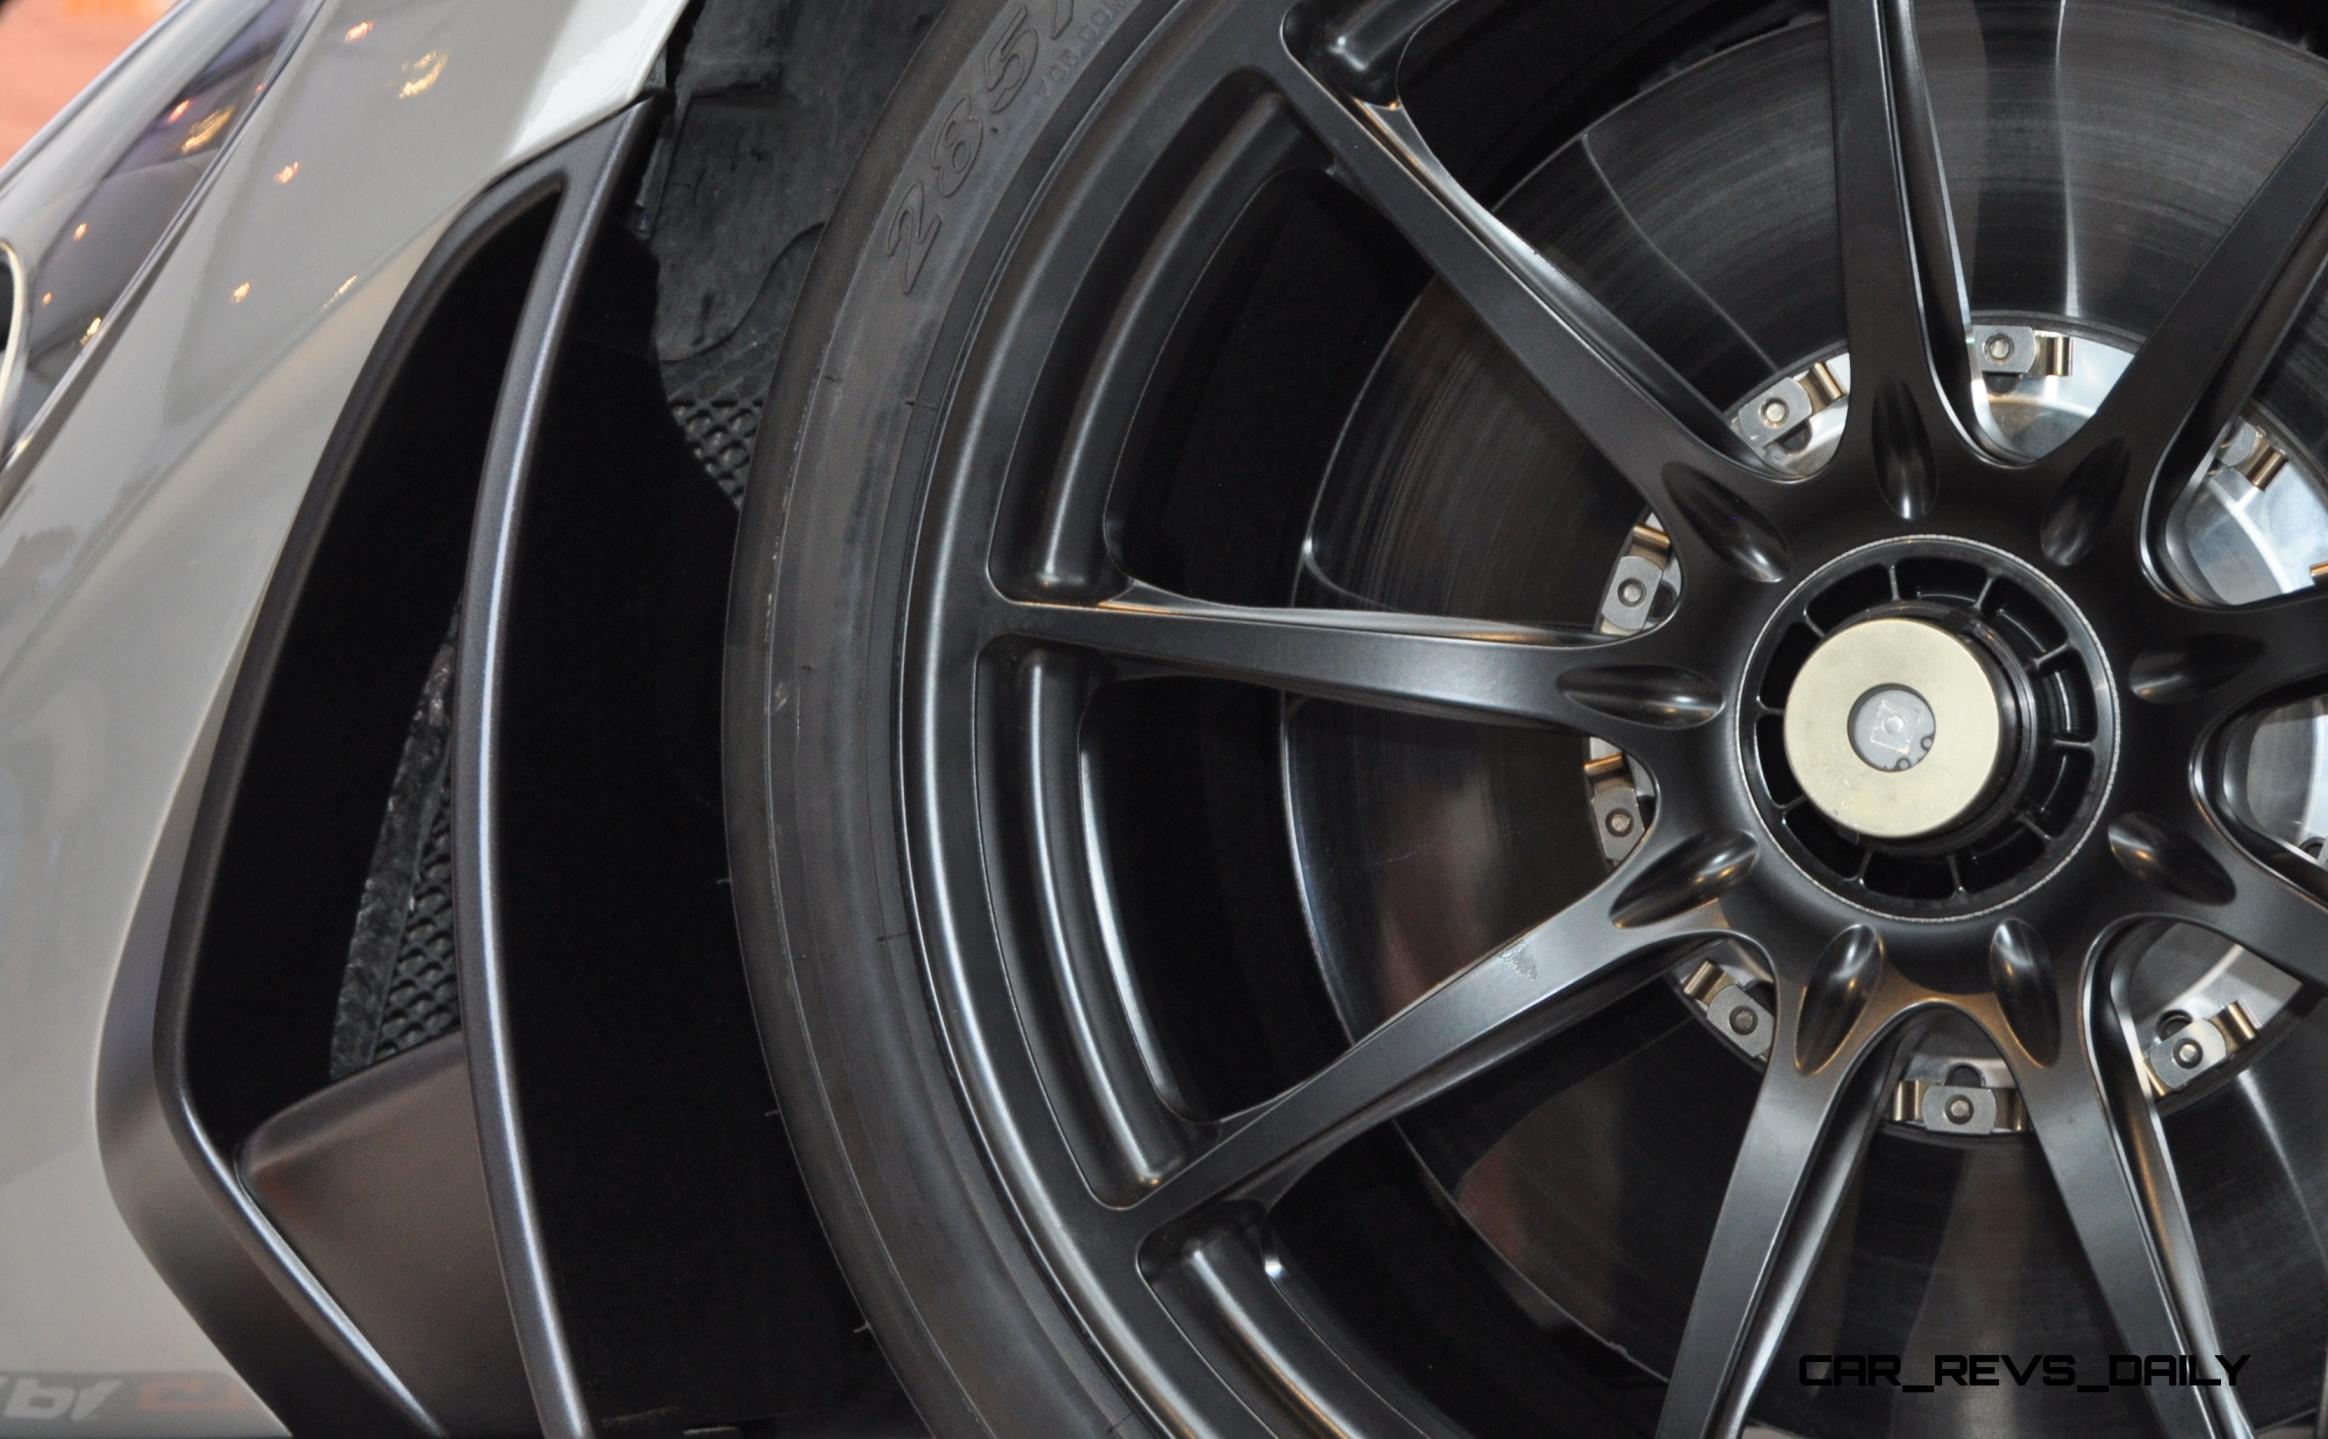 2015 McLaren P1 GTR - Pebble Beach World Debut in 55 High-Res Photos 35